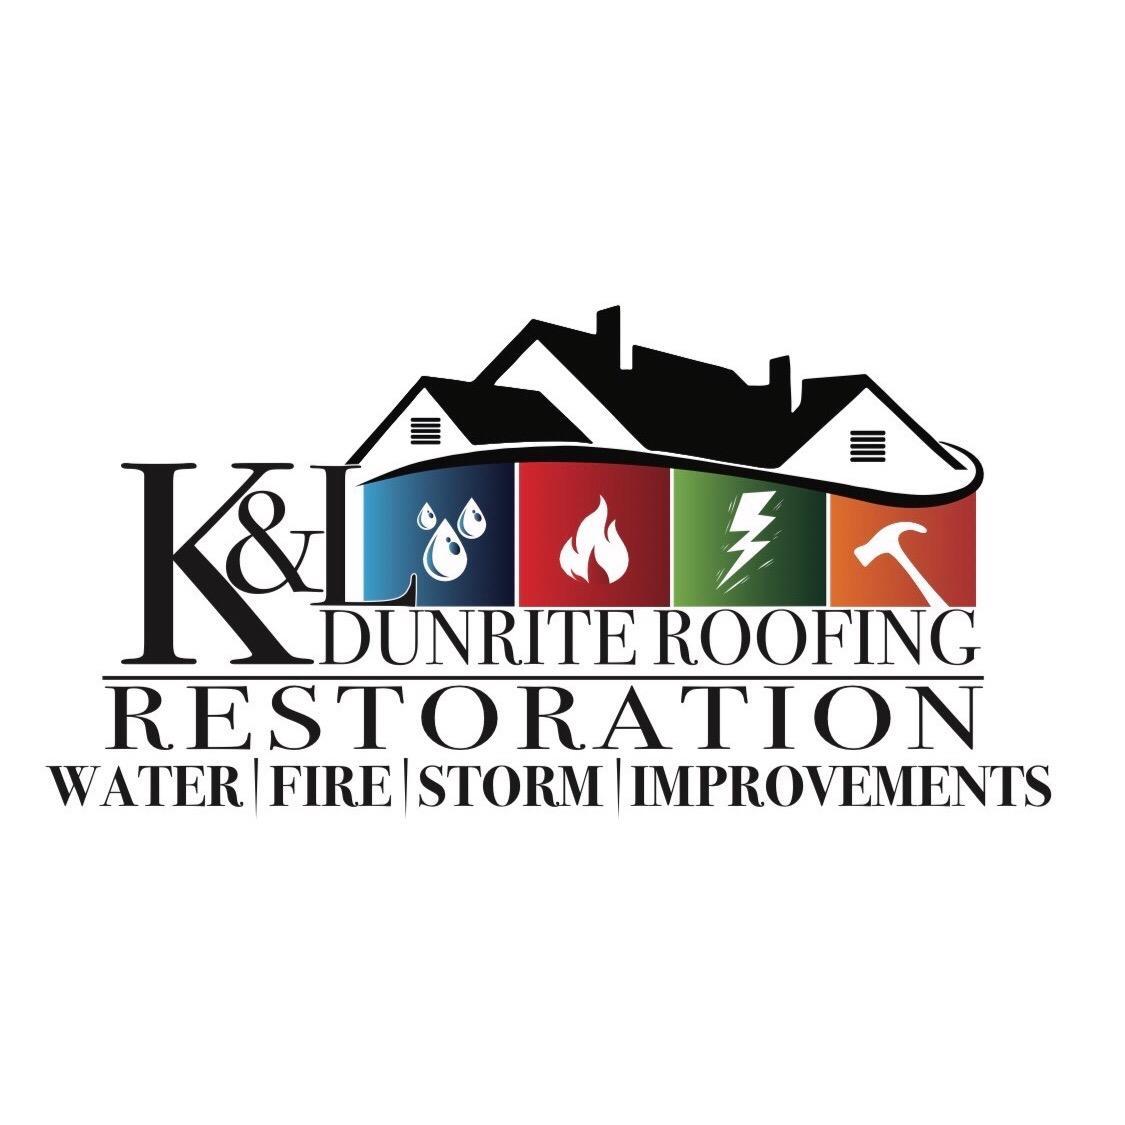 K&L Dunrite Roofing and Restoration Hickory